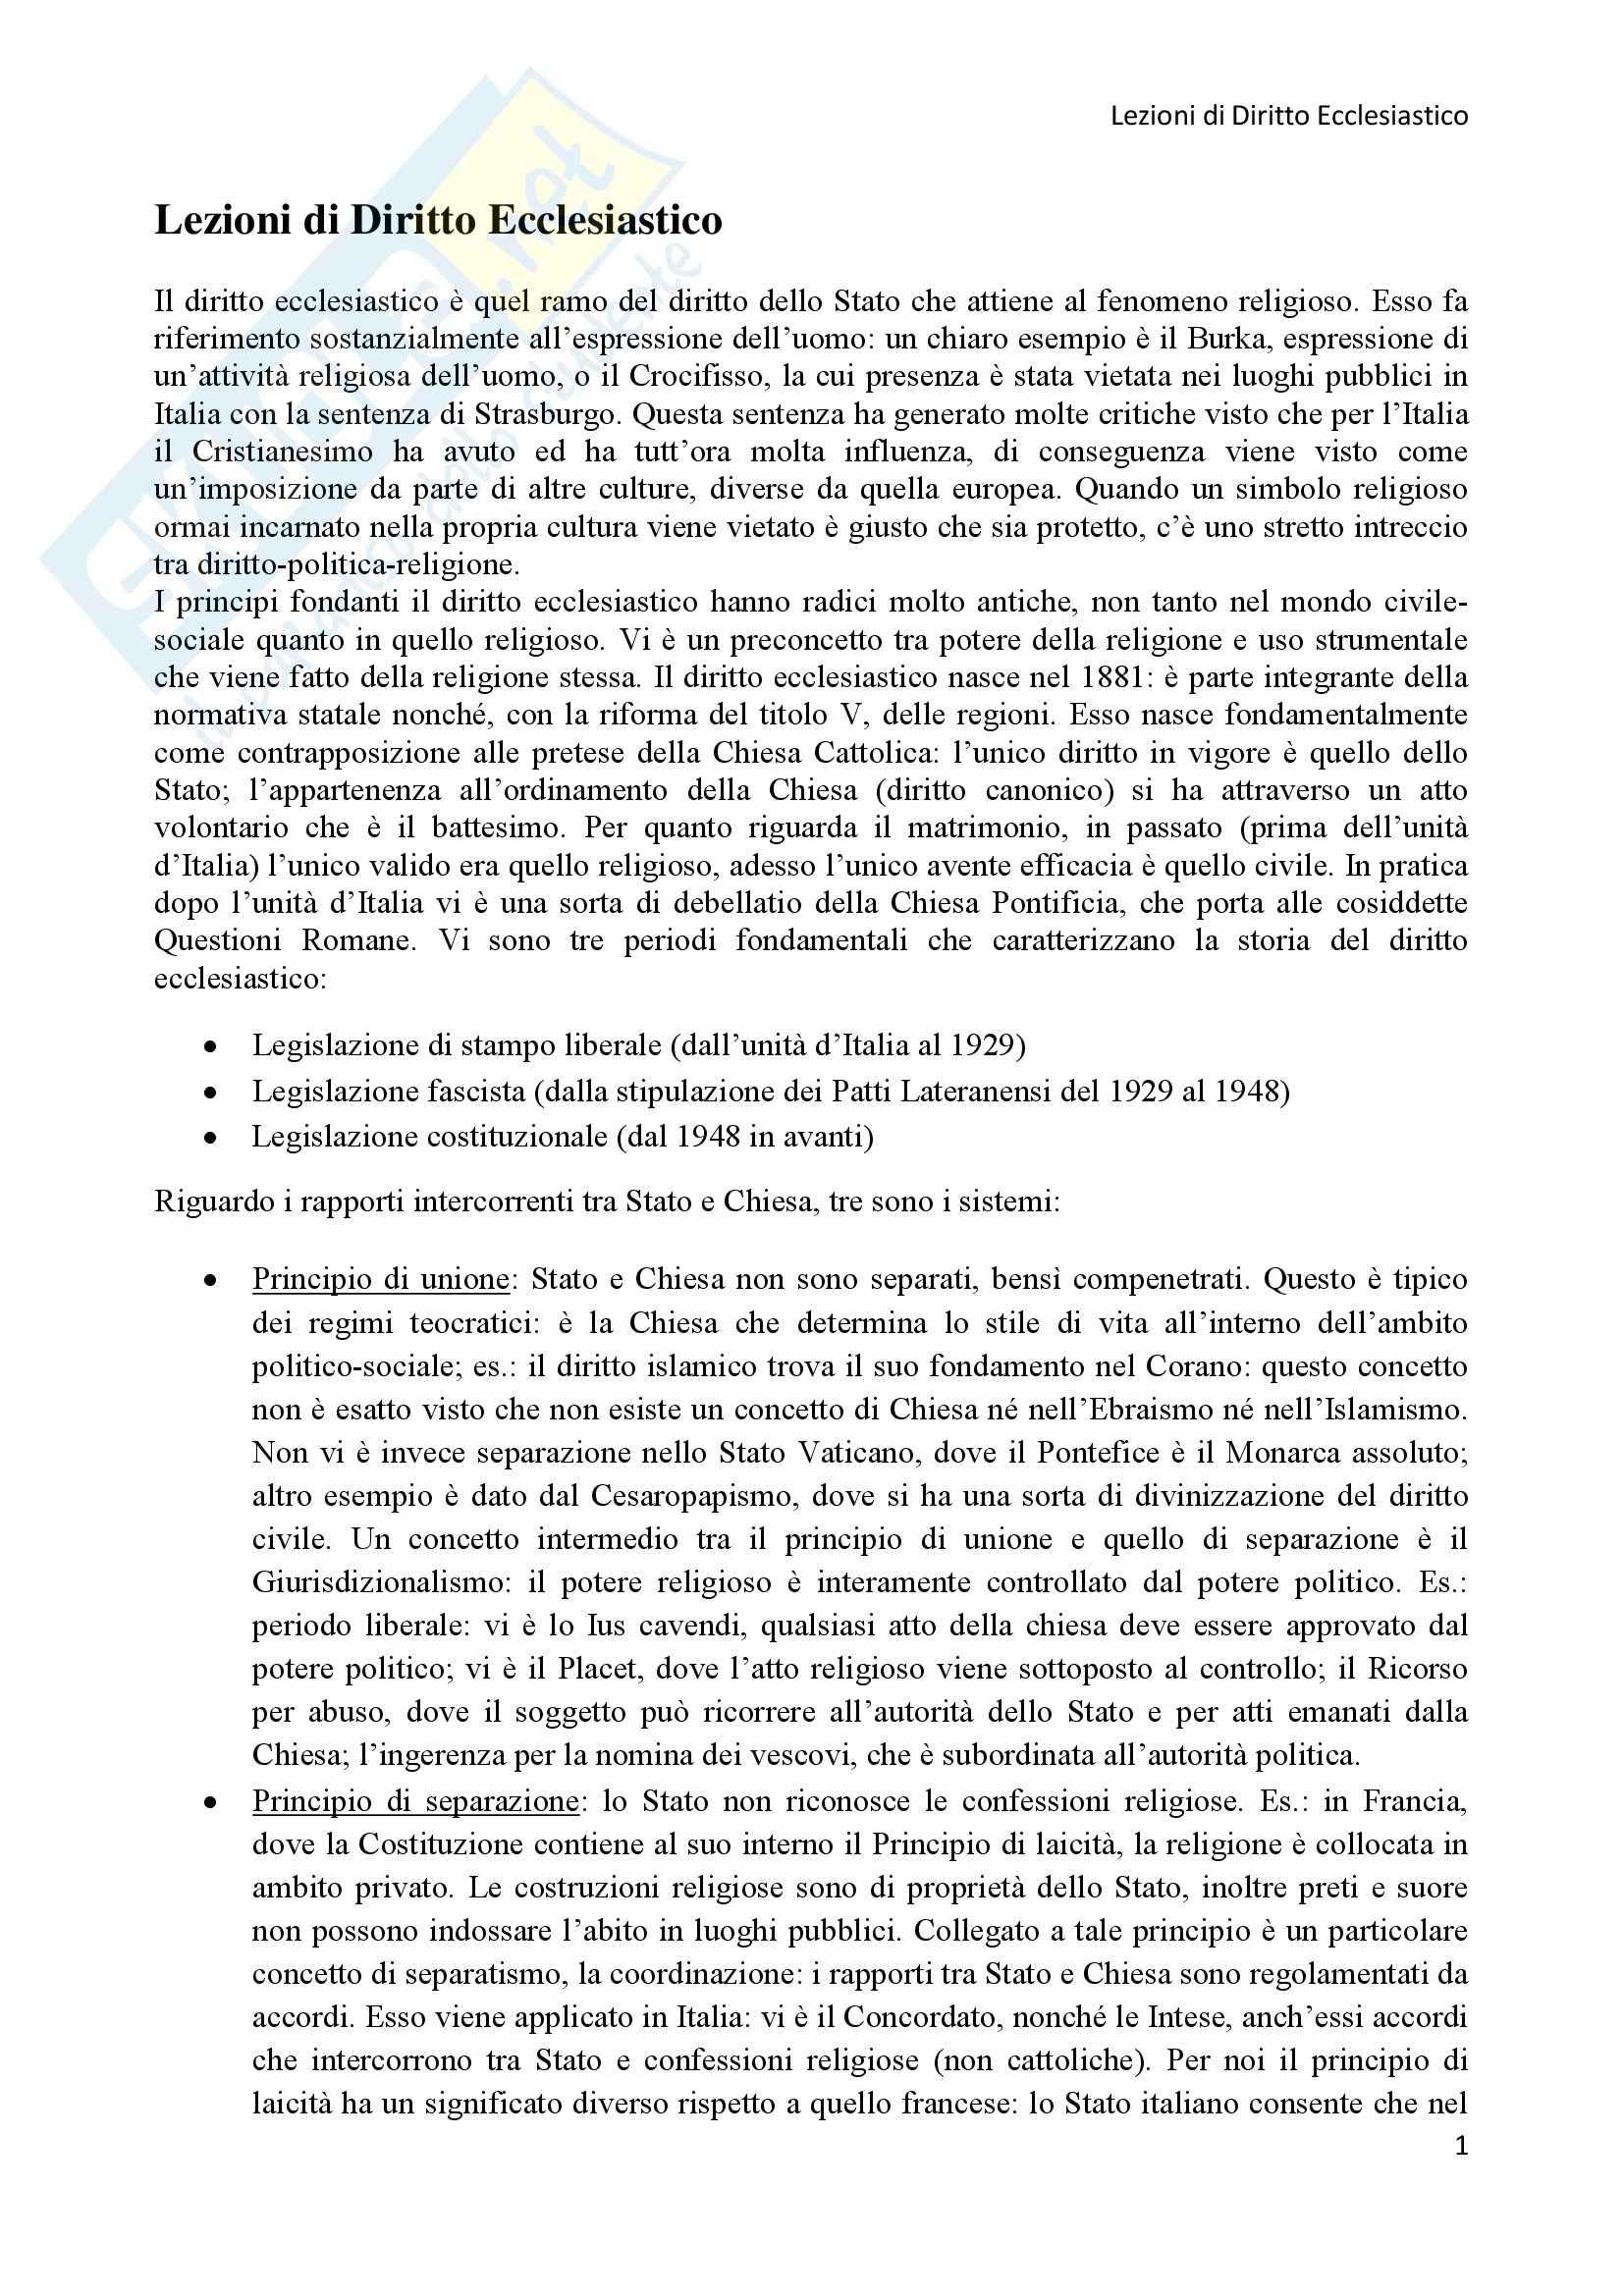 Diritto Ecclesiastico - Lezioni professoressa D'Arienzo